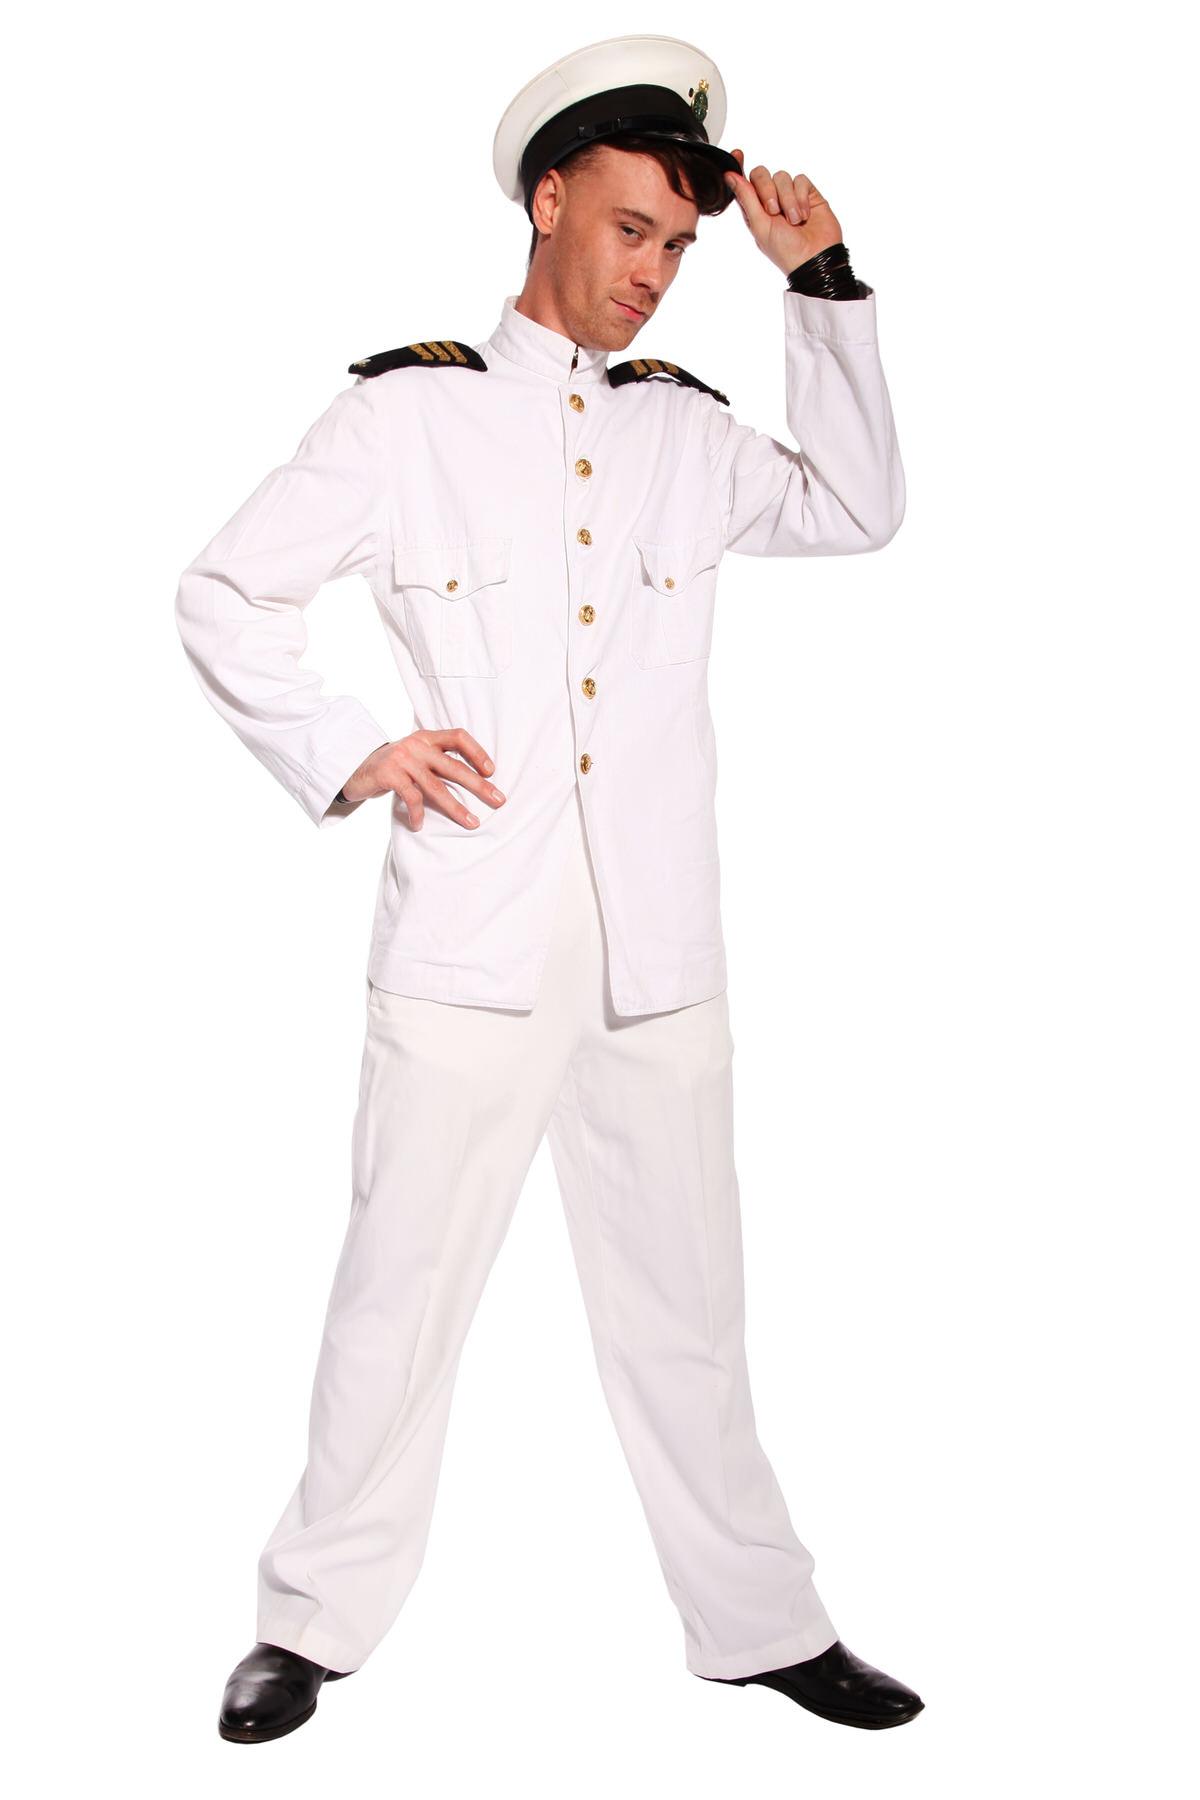 SEA CAPTAIN WHITE COSTUME W PEAKED CAP